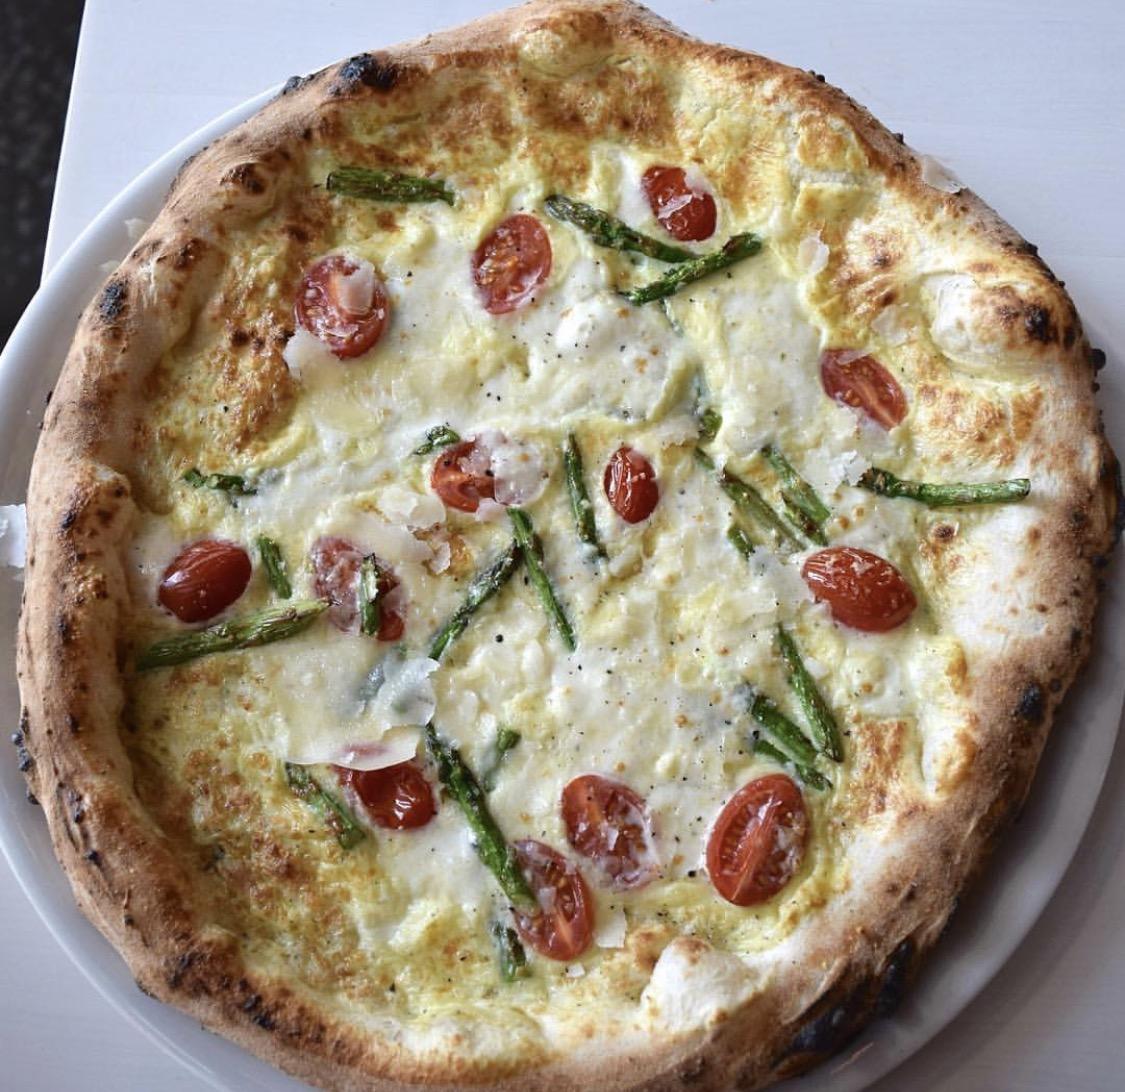 Breakfast pizza courtesy of Forno Rosso Pizzeria's Instagram